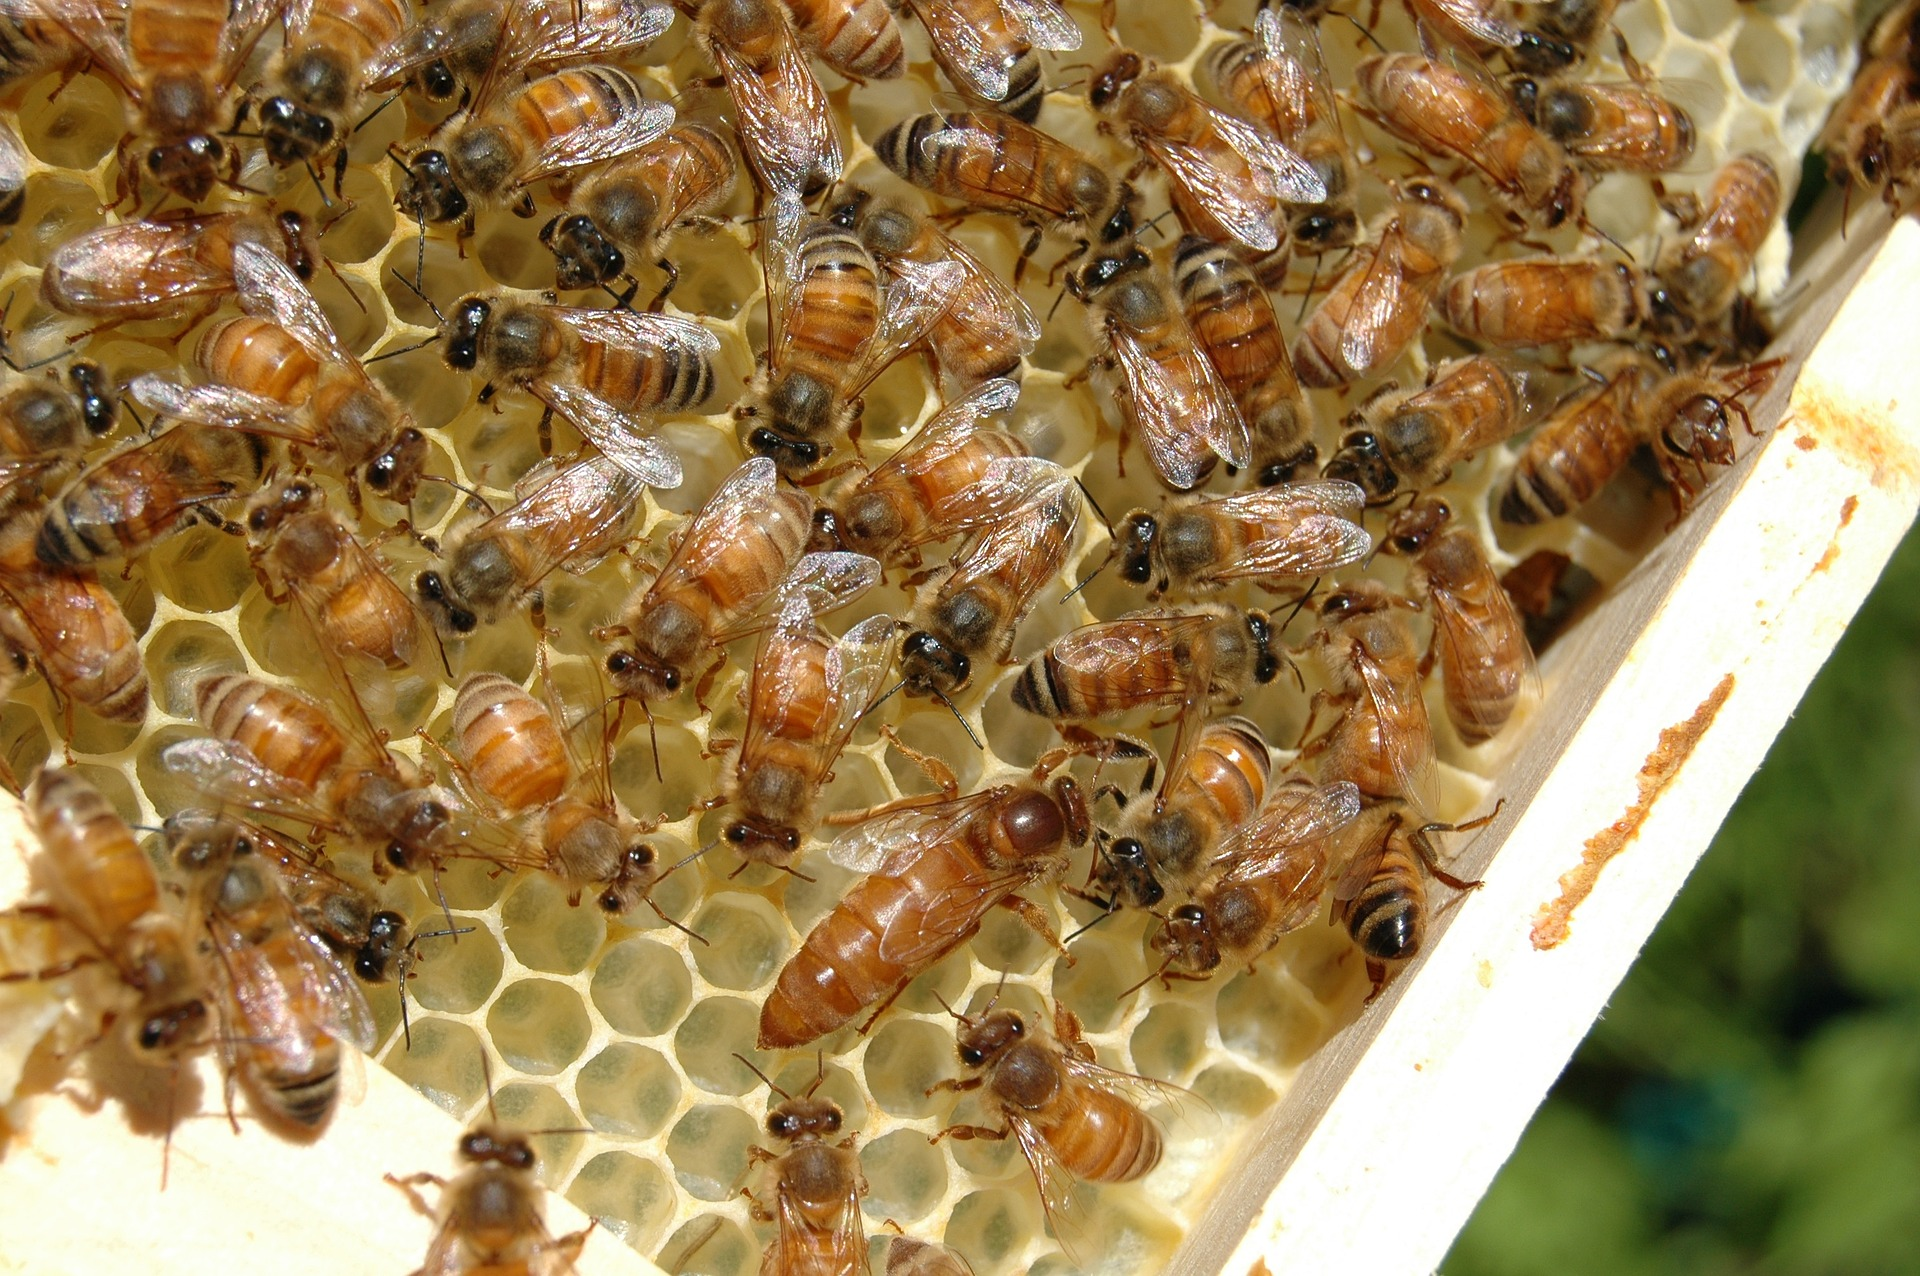 bees-676012_1920.jpg